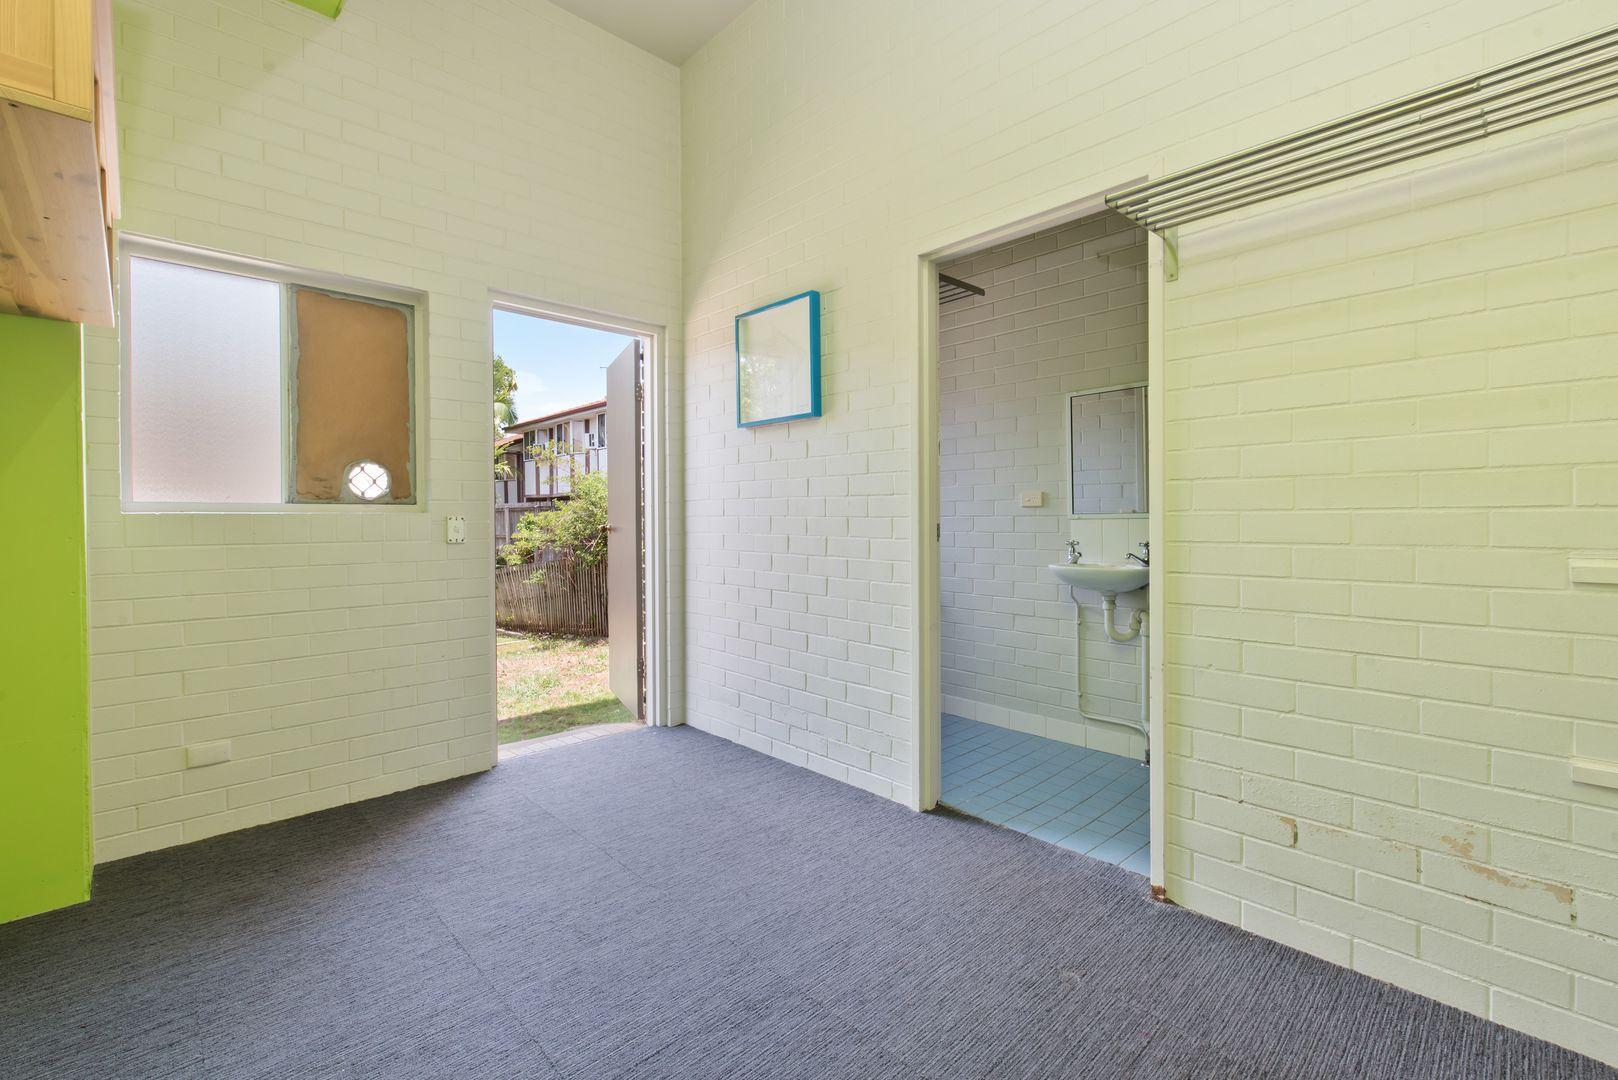 2/110 Klumpp Road, Upper Mount Gravatt QLD 4122, Image 1